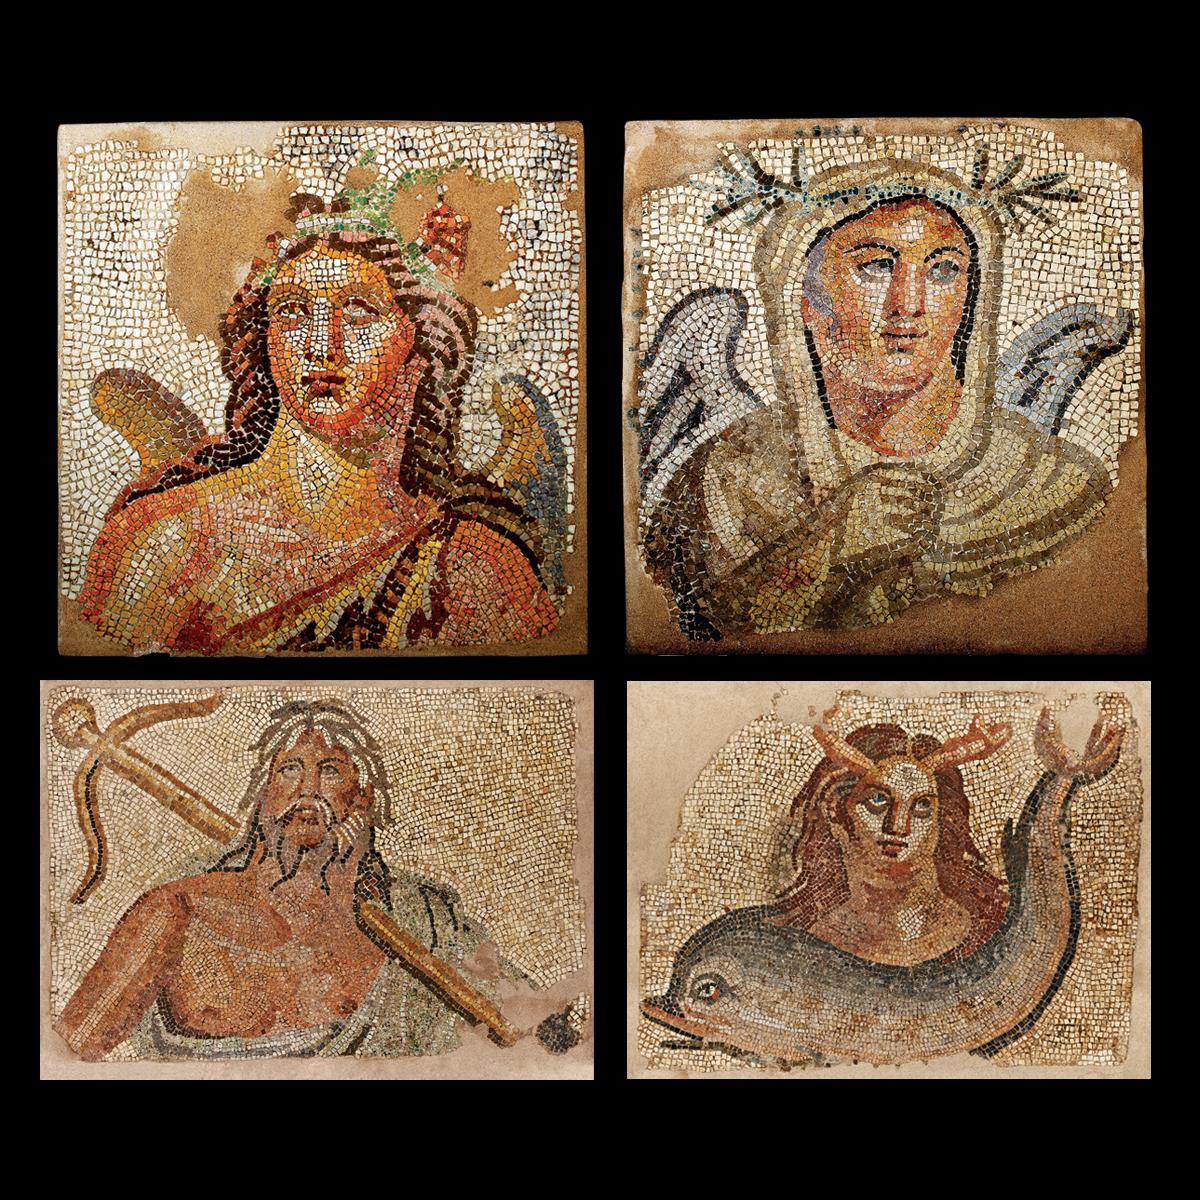 pos-apeikonizan-oi-archaioi-makedones-tis-tesseris-epoches-eikones1